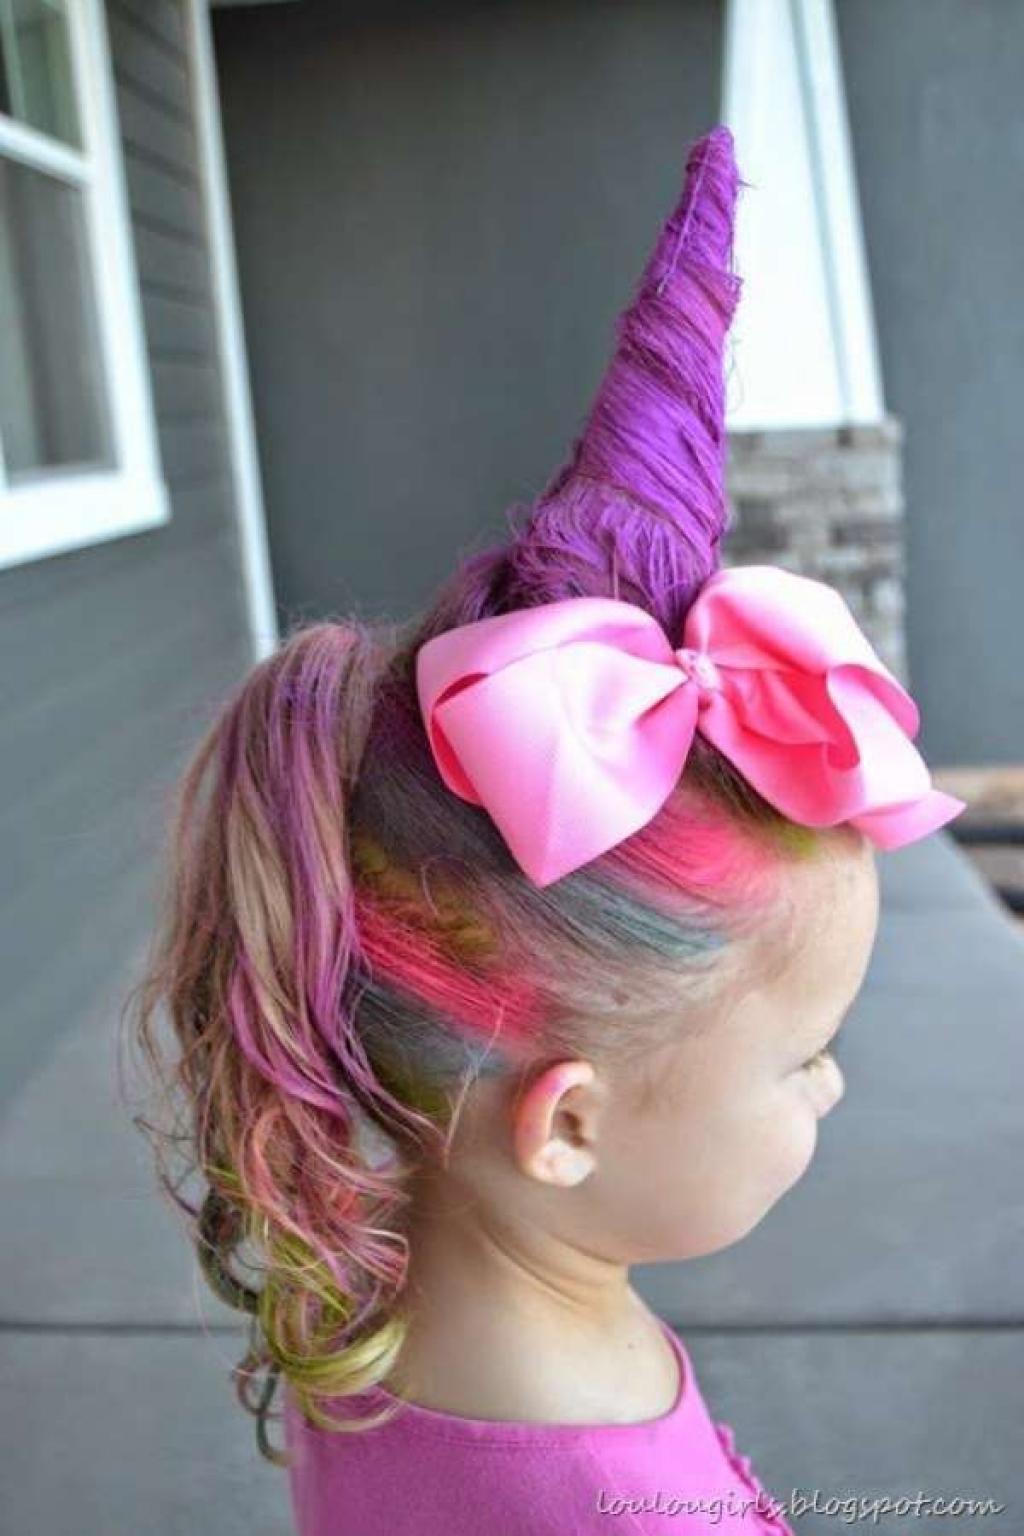 coiffures hilarantes pour enfants parfaites pour la journée de l